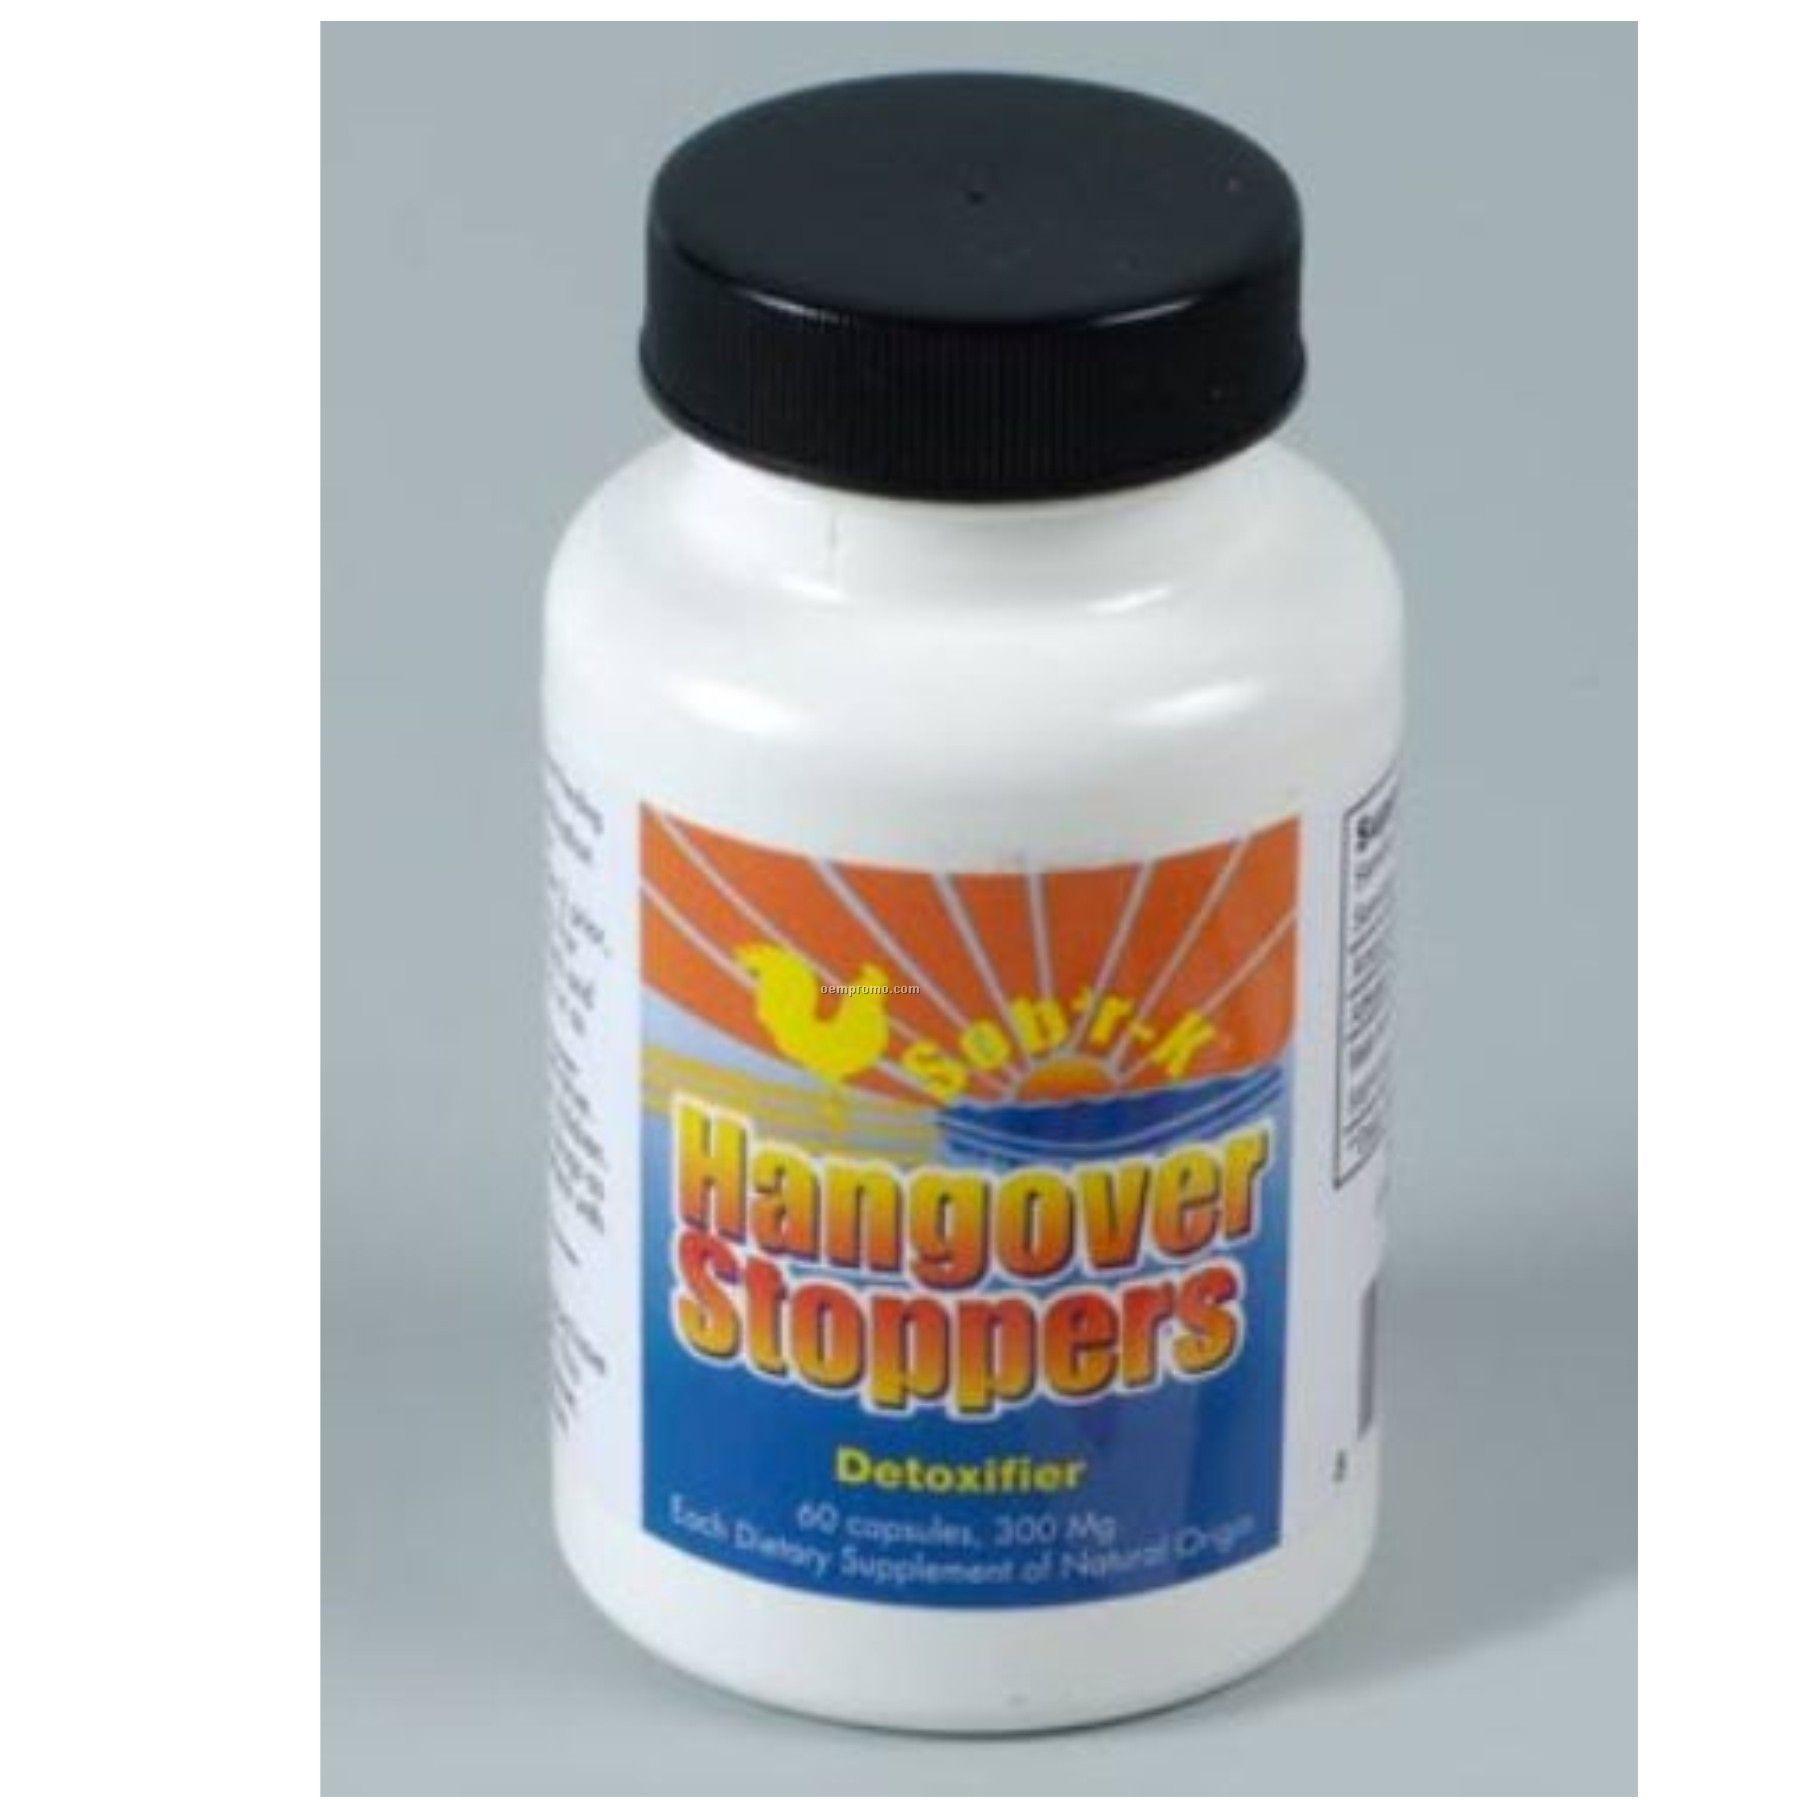 Sob'r-k Hangover Stoppers- 60 Pill Plastic Bottle